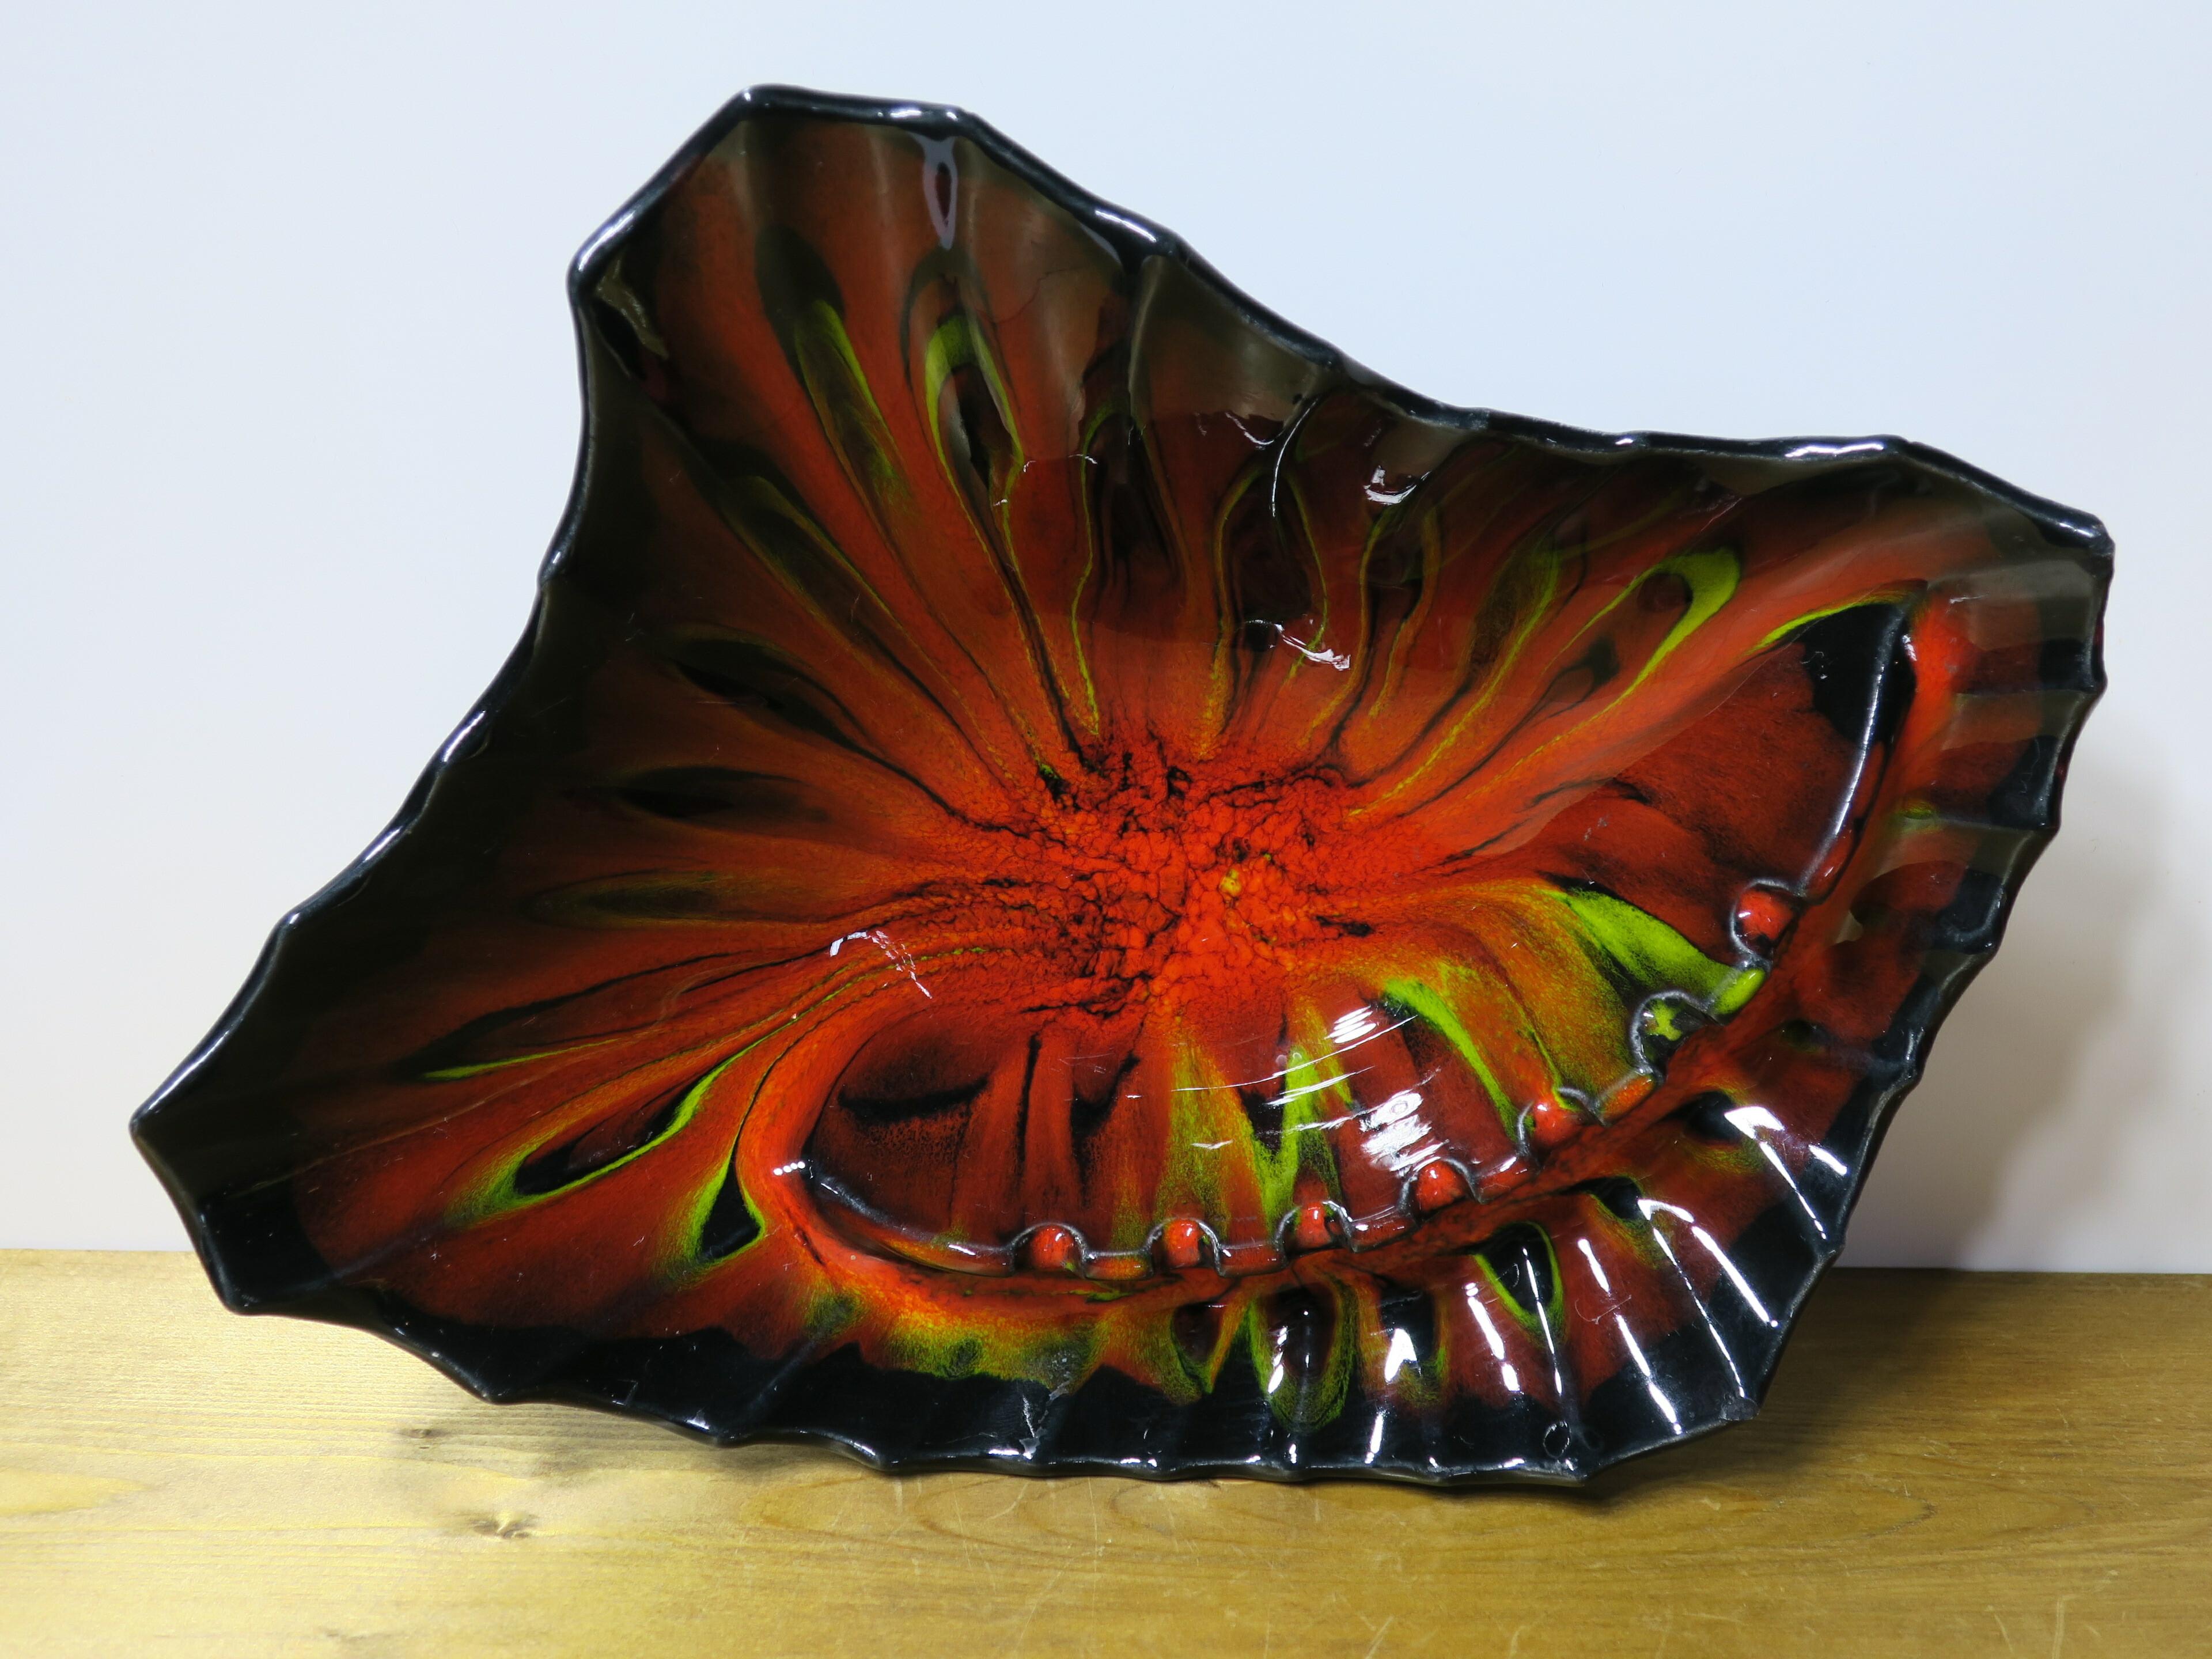 ヴィンテージU.S.A アッシュトレイ/灰皿(陶器製) 赤/黒